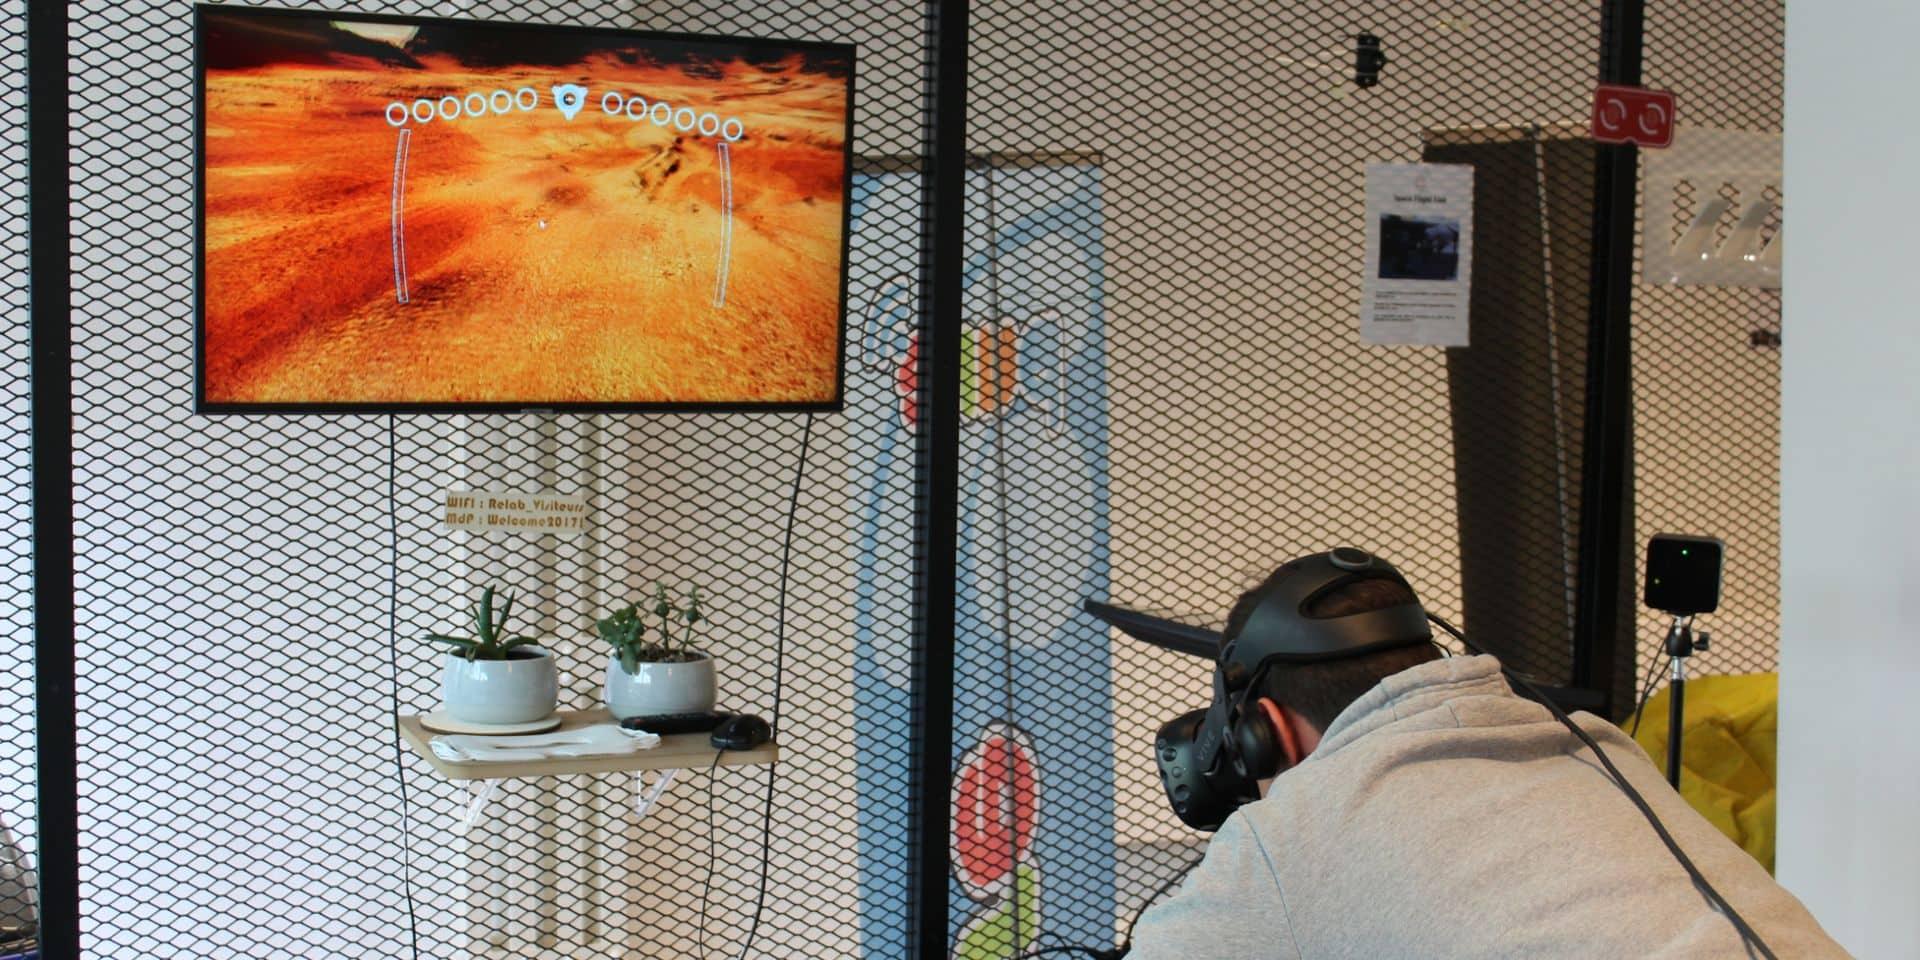 Une immersion dans la réalité virtuelle à Liège